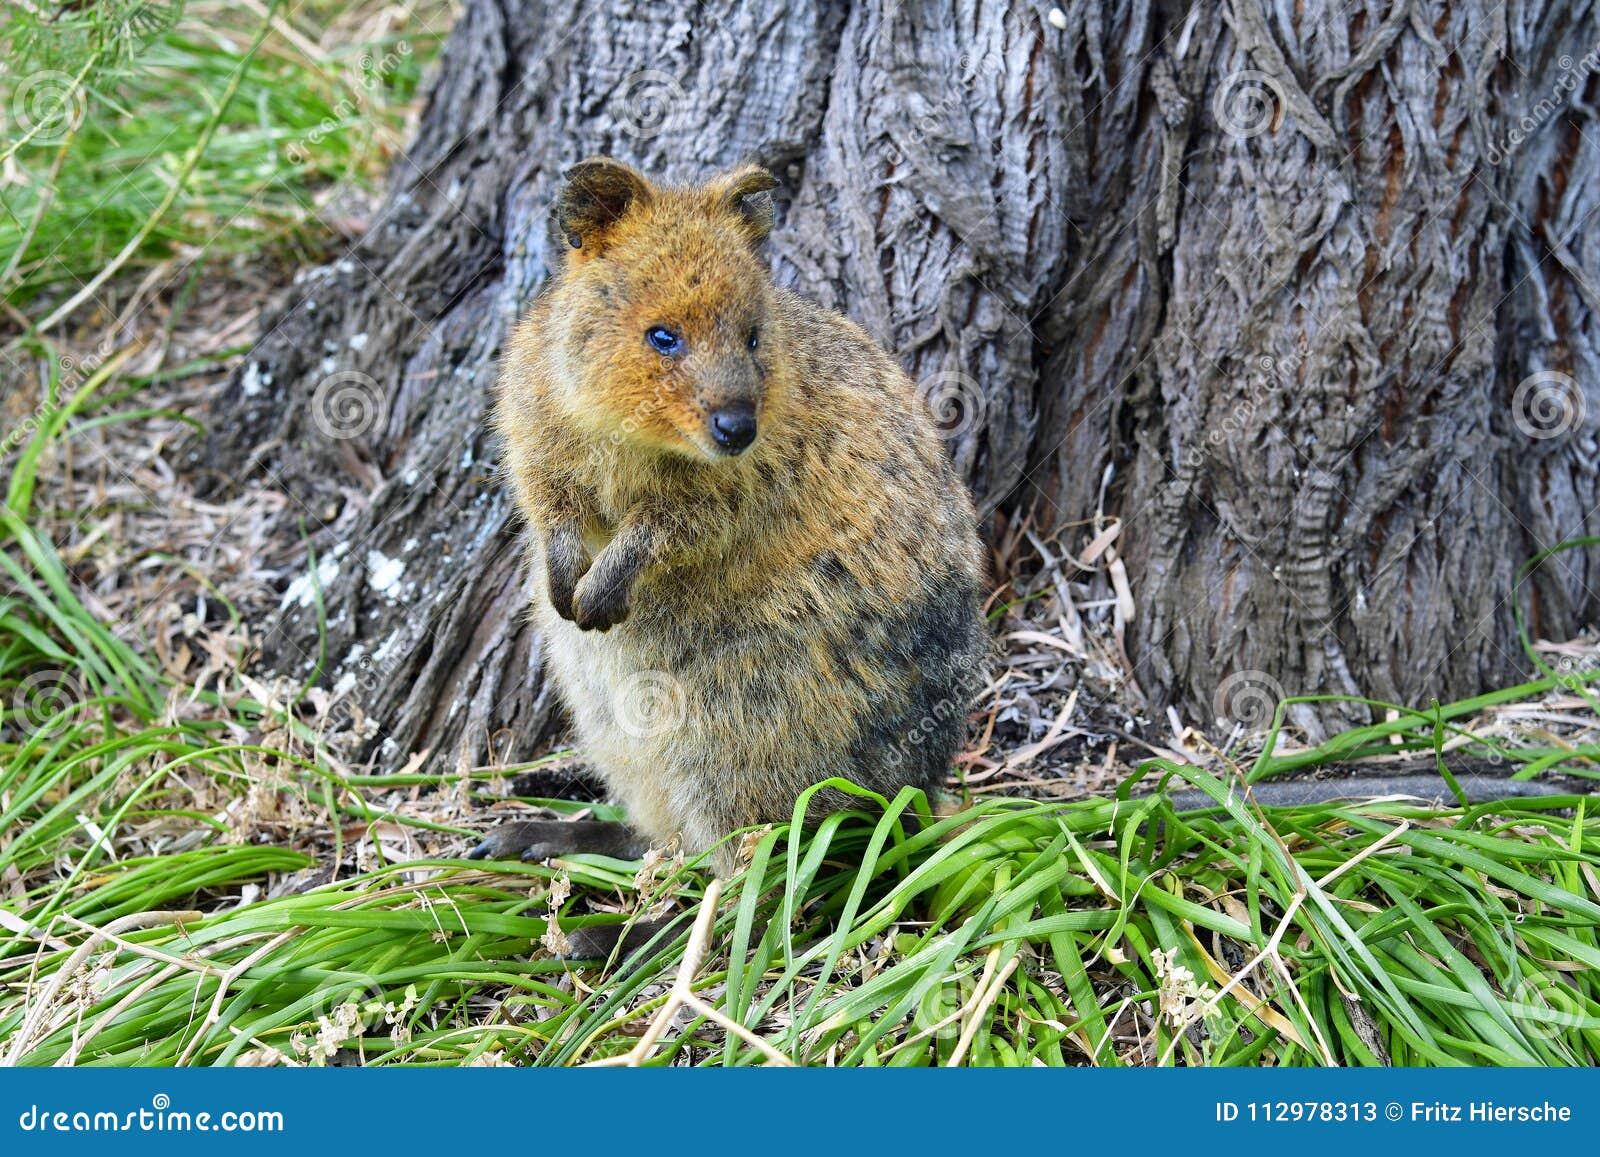 Australia, Zoology, Quokka